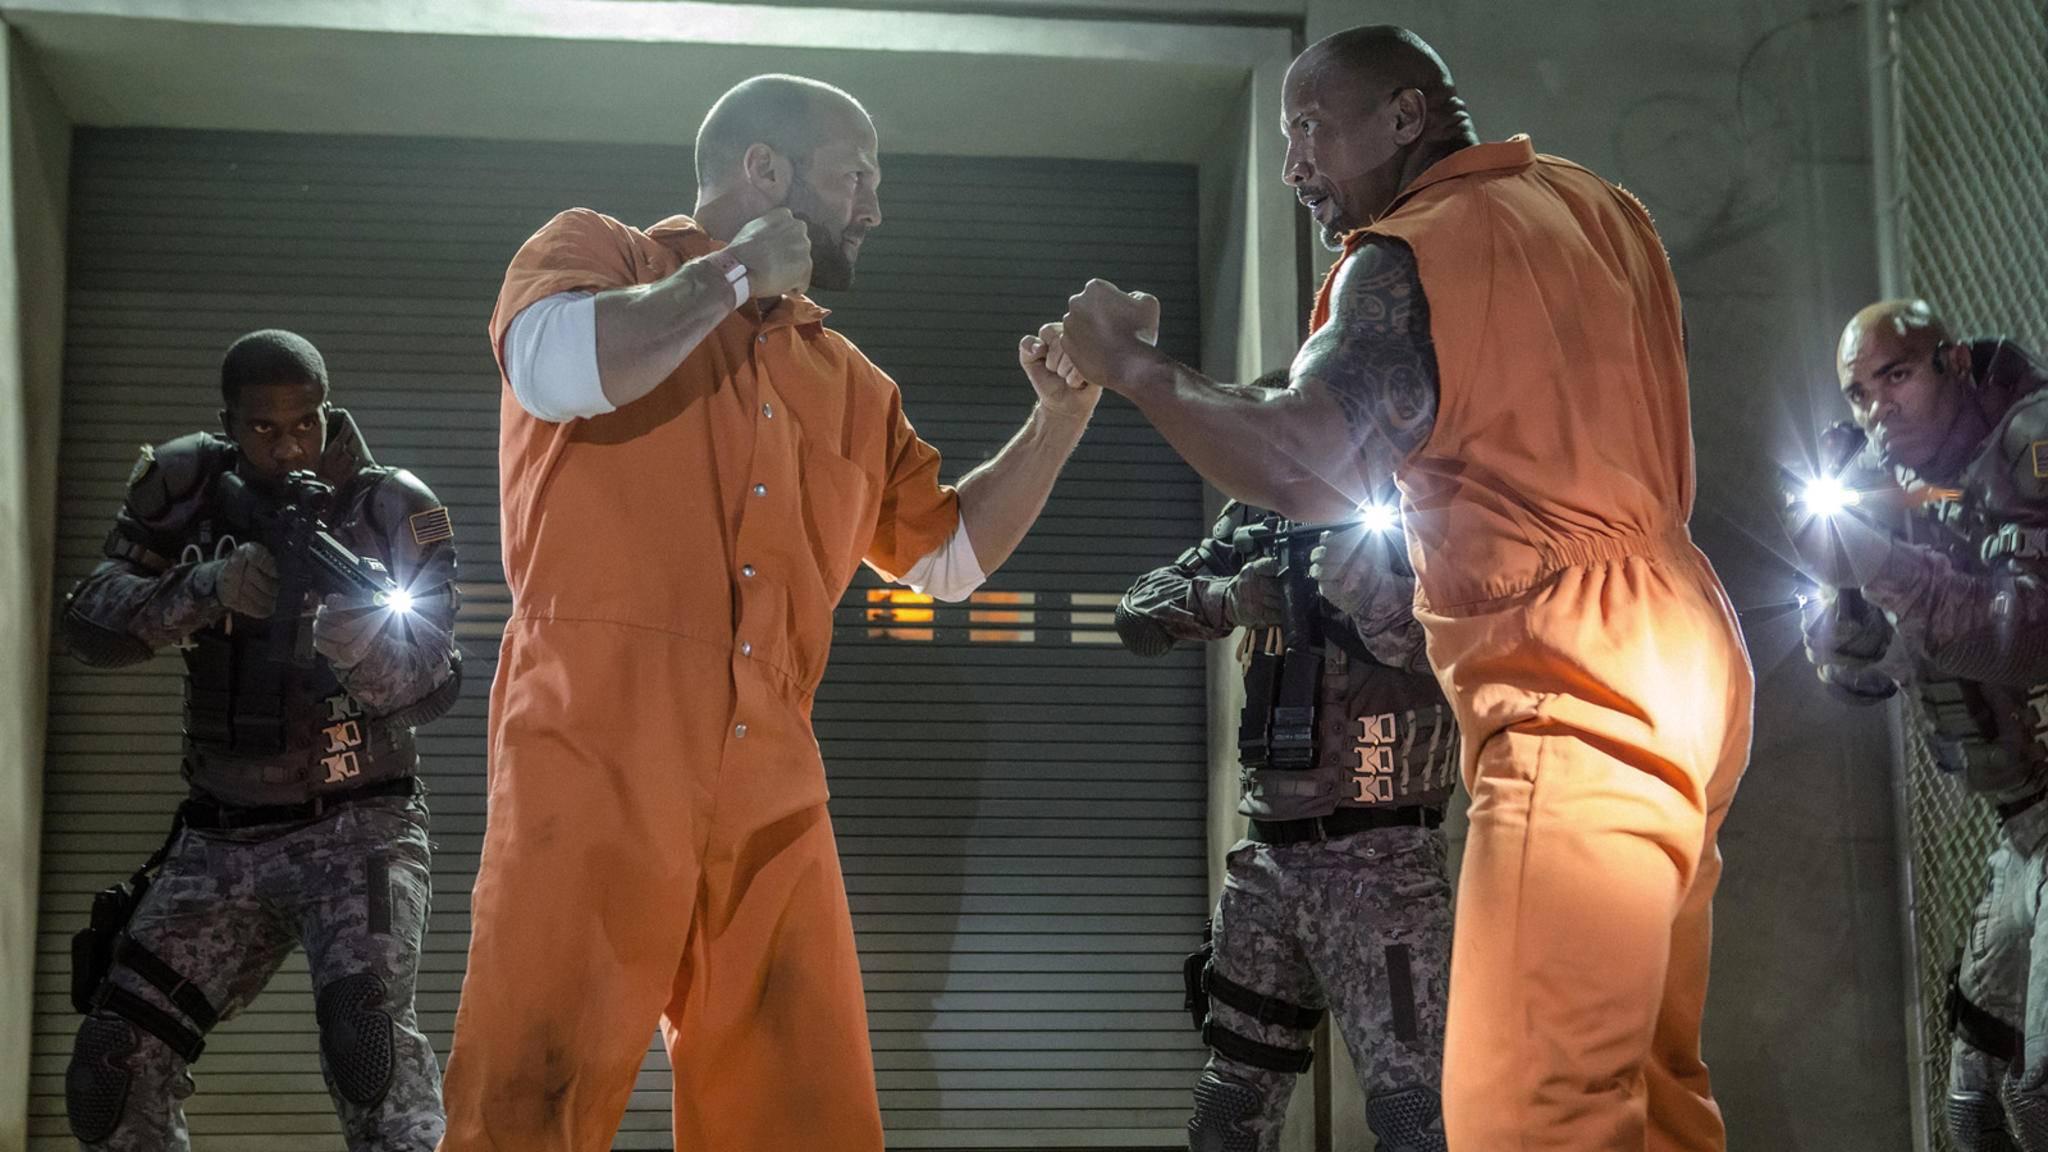 Jetzt ist es offiziell: Luke Hobbs (Dwayne Johnson) und Deckard Shaw (Jason Statham) bekommen ein gemeinsames Spin-off.